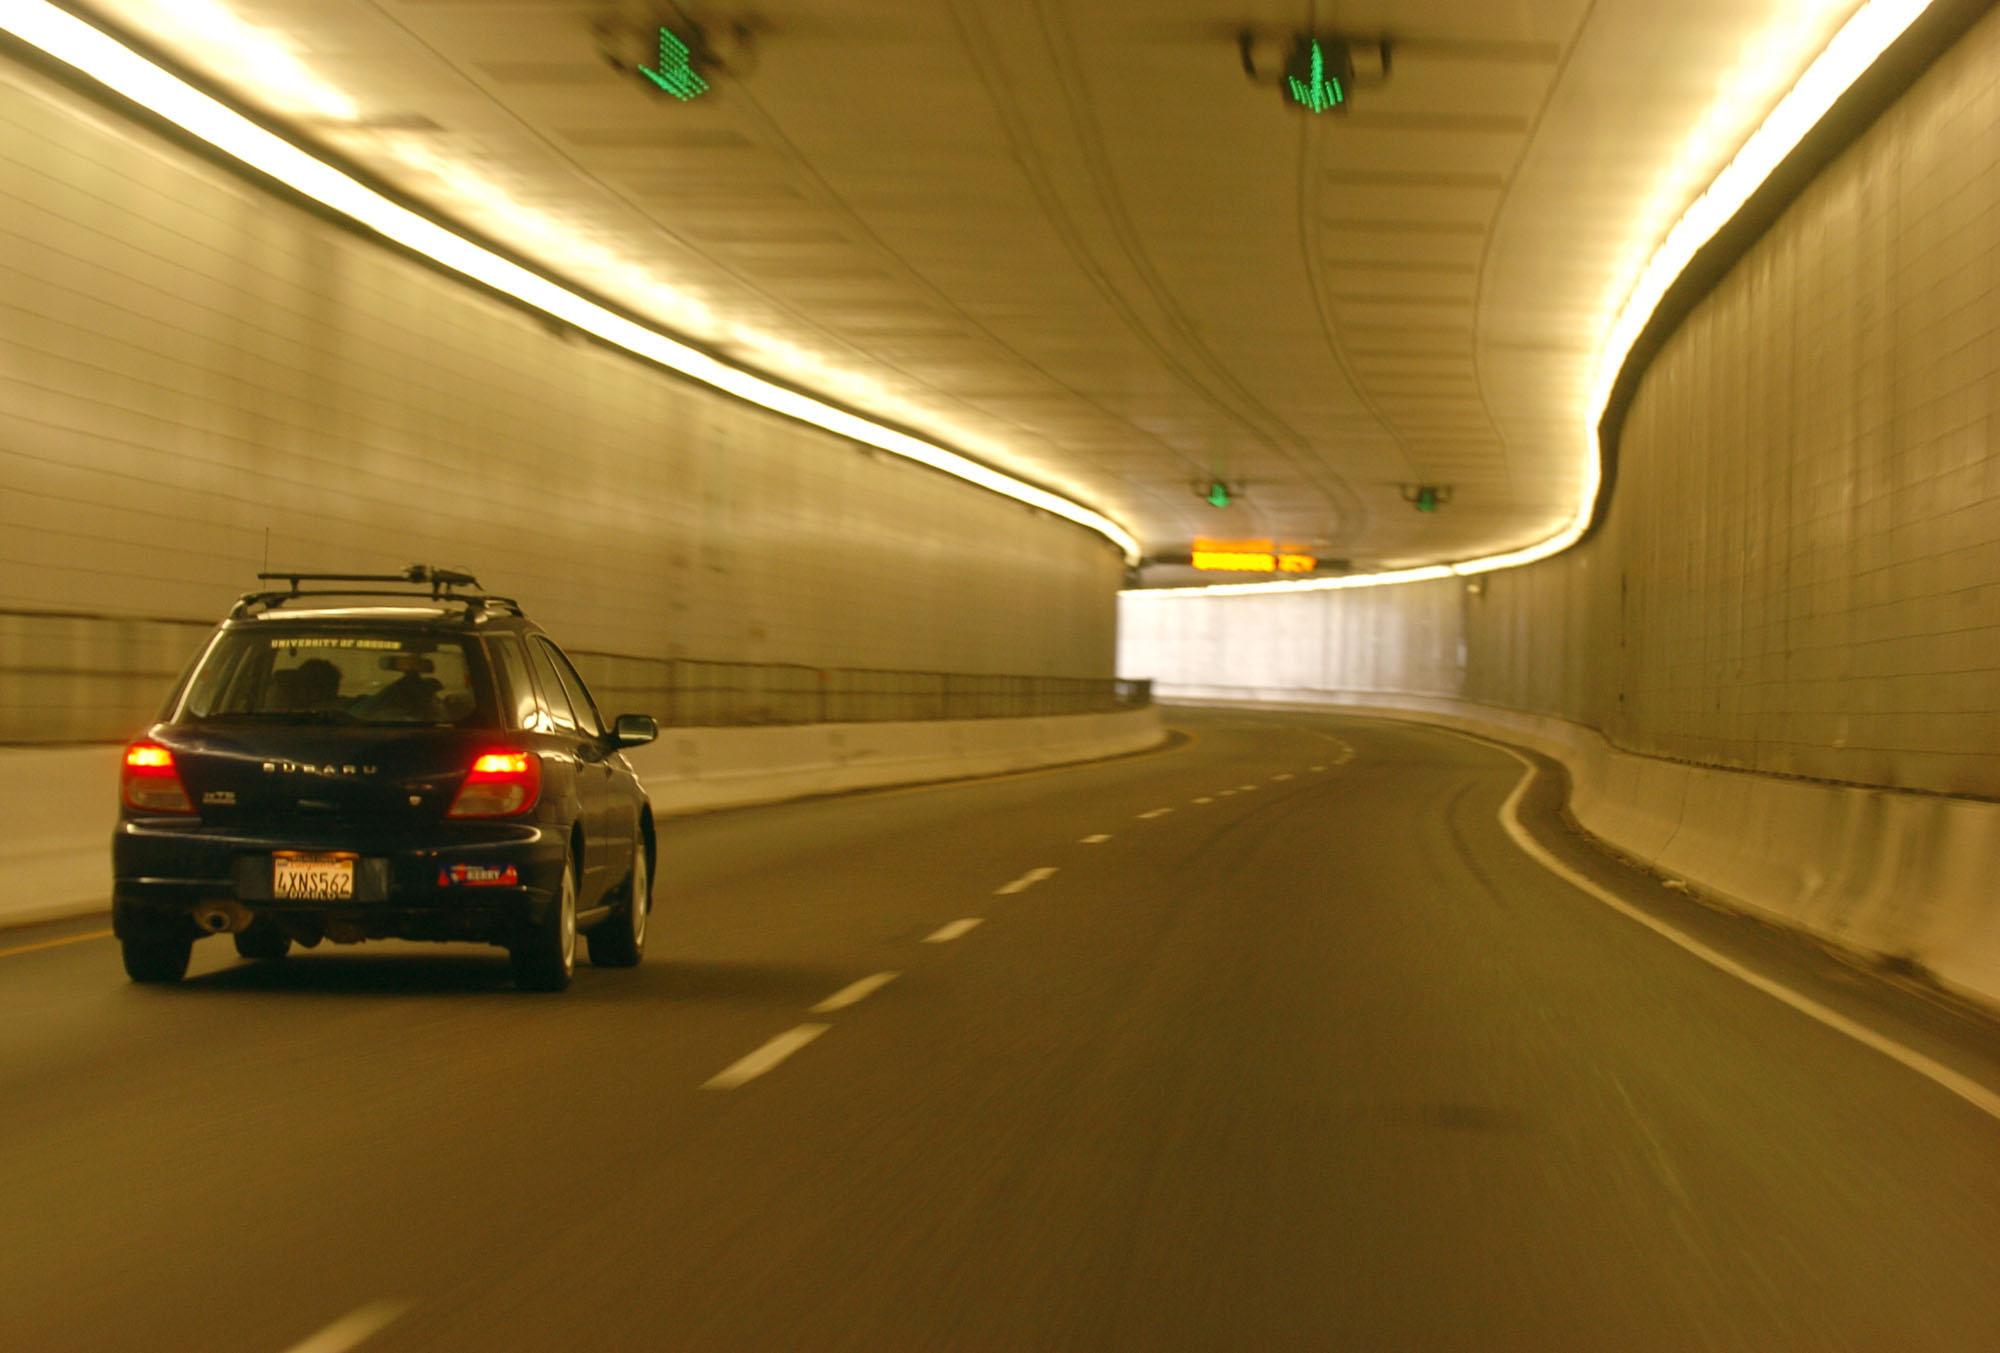 Photo: Eisenhower Tunnel on I-70 (AP Photo)